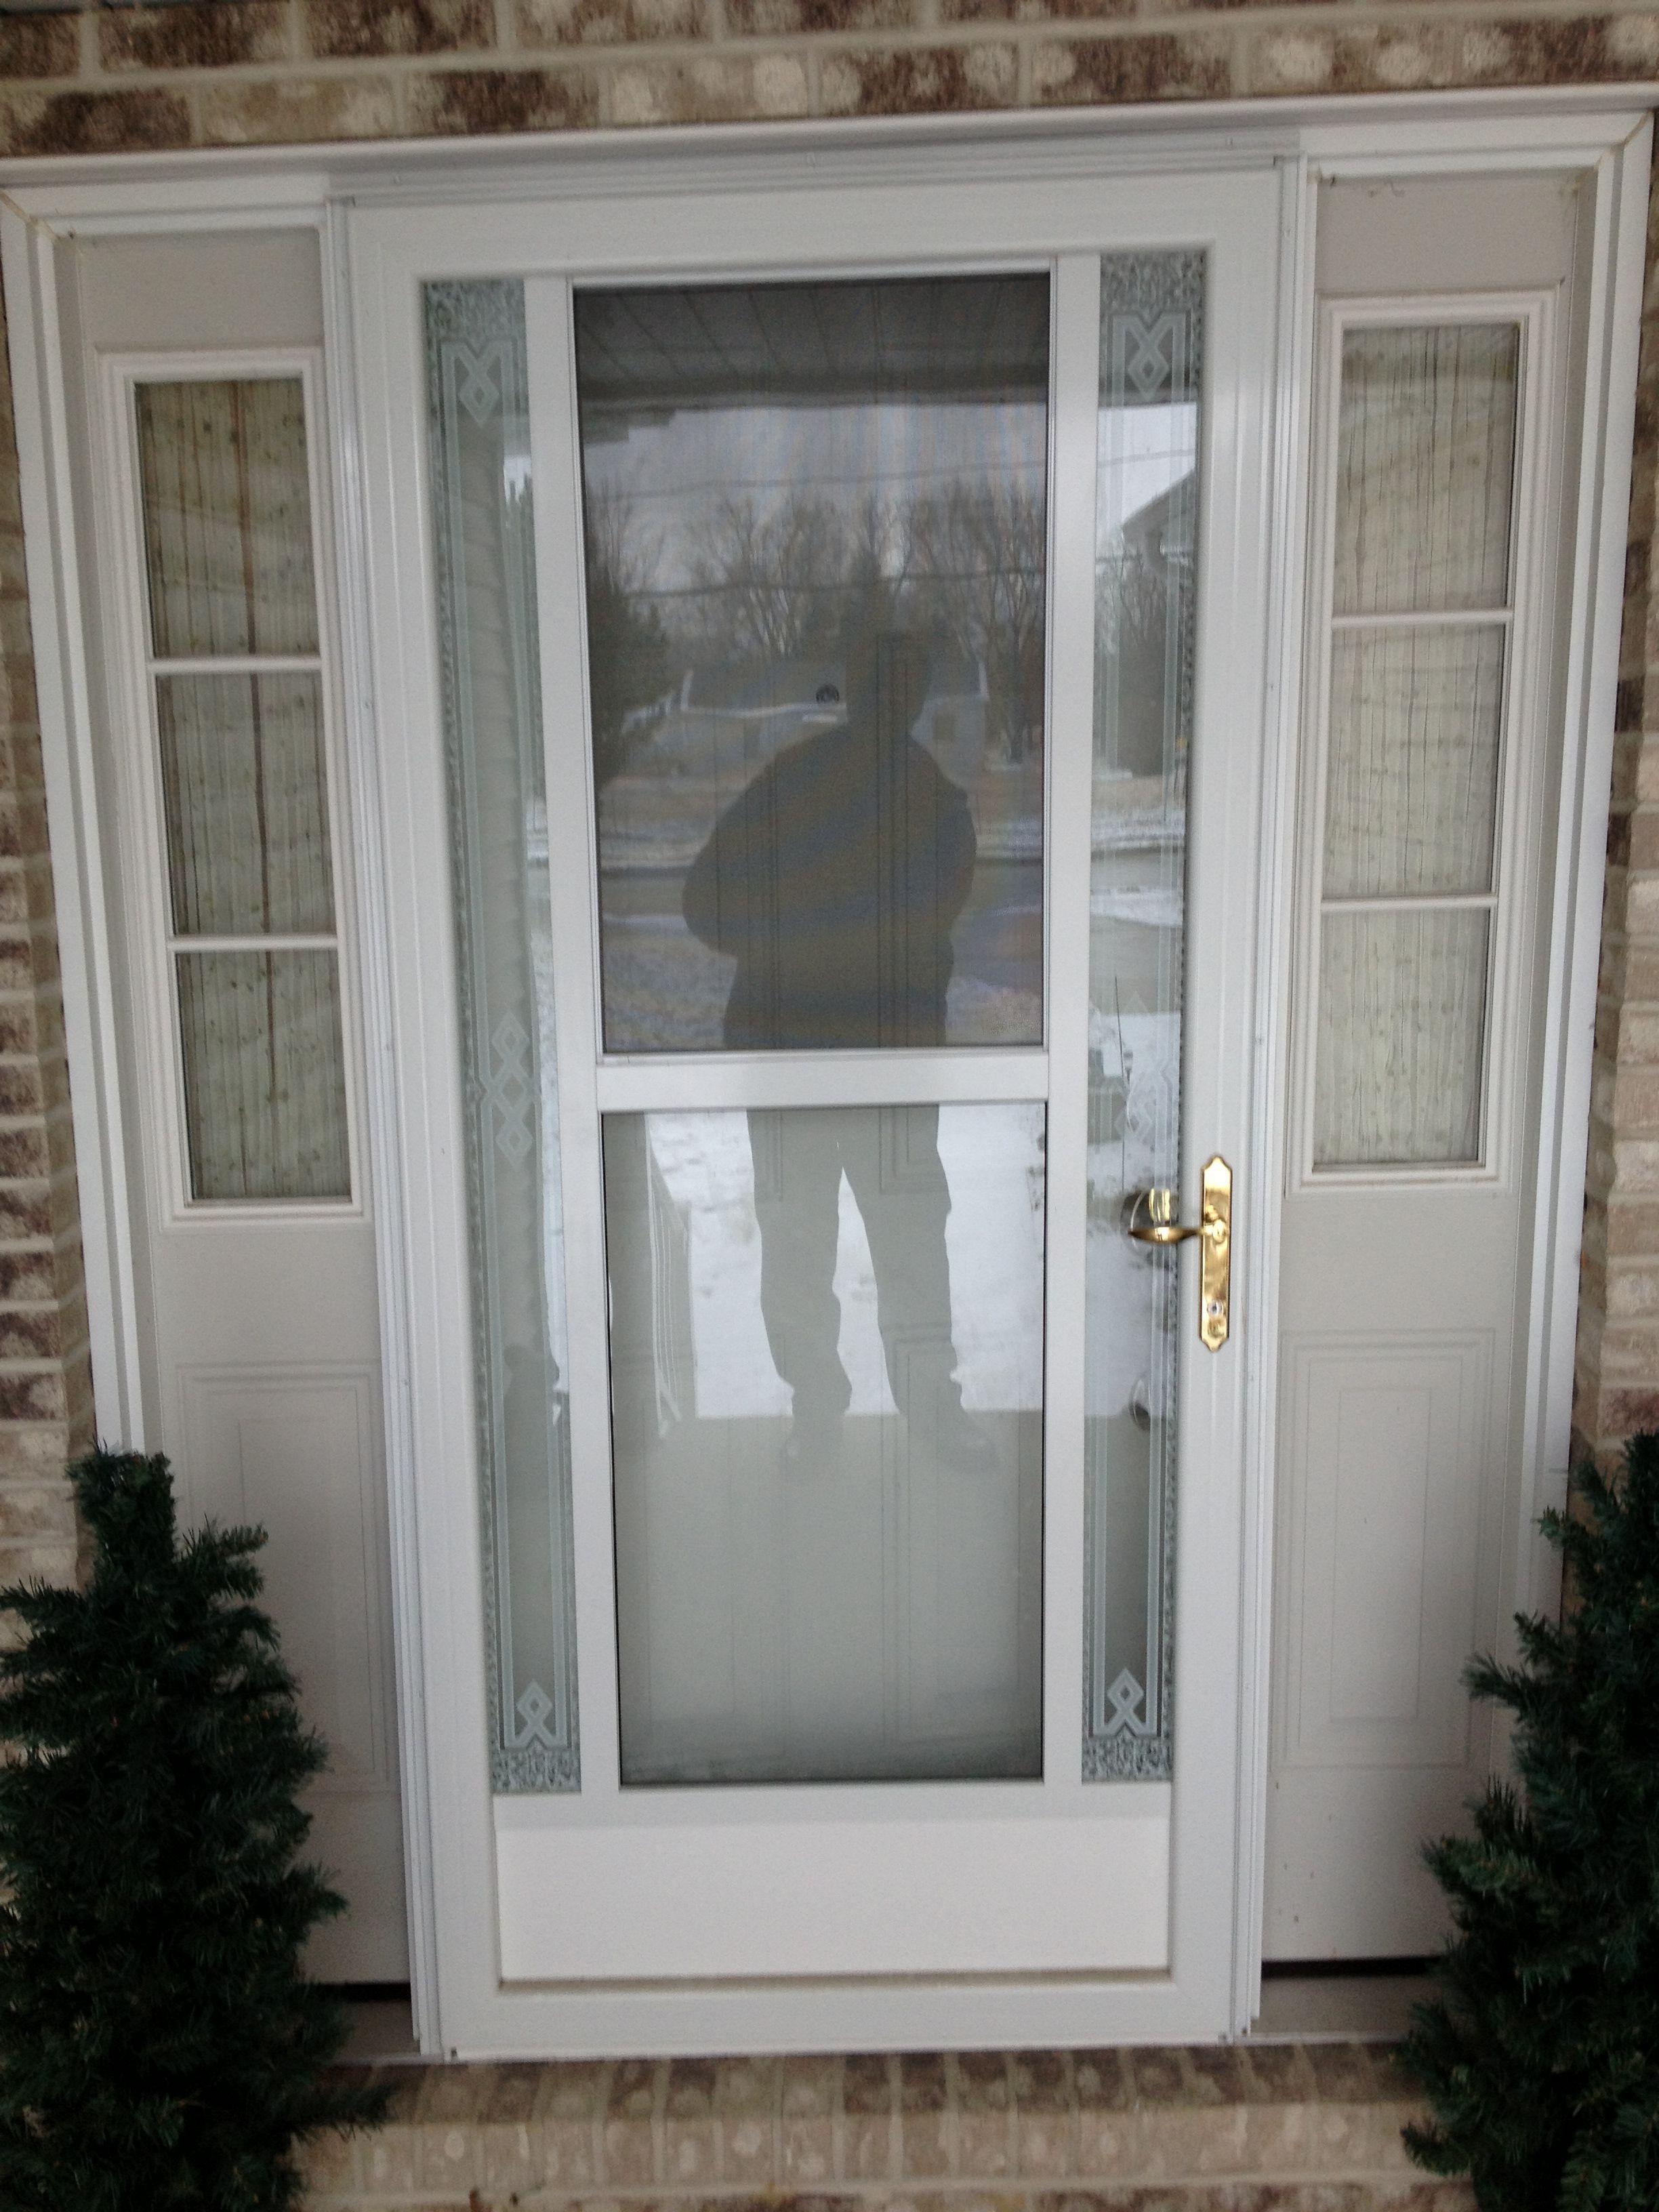 Newly Installed Front Door, Sidelights And Storm Door